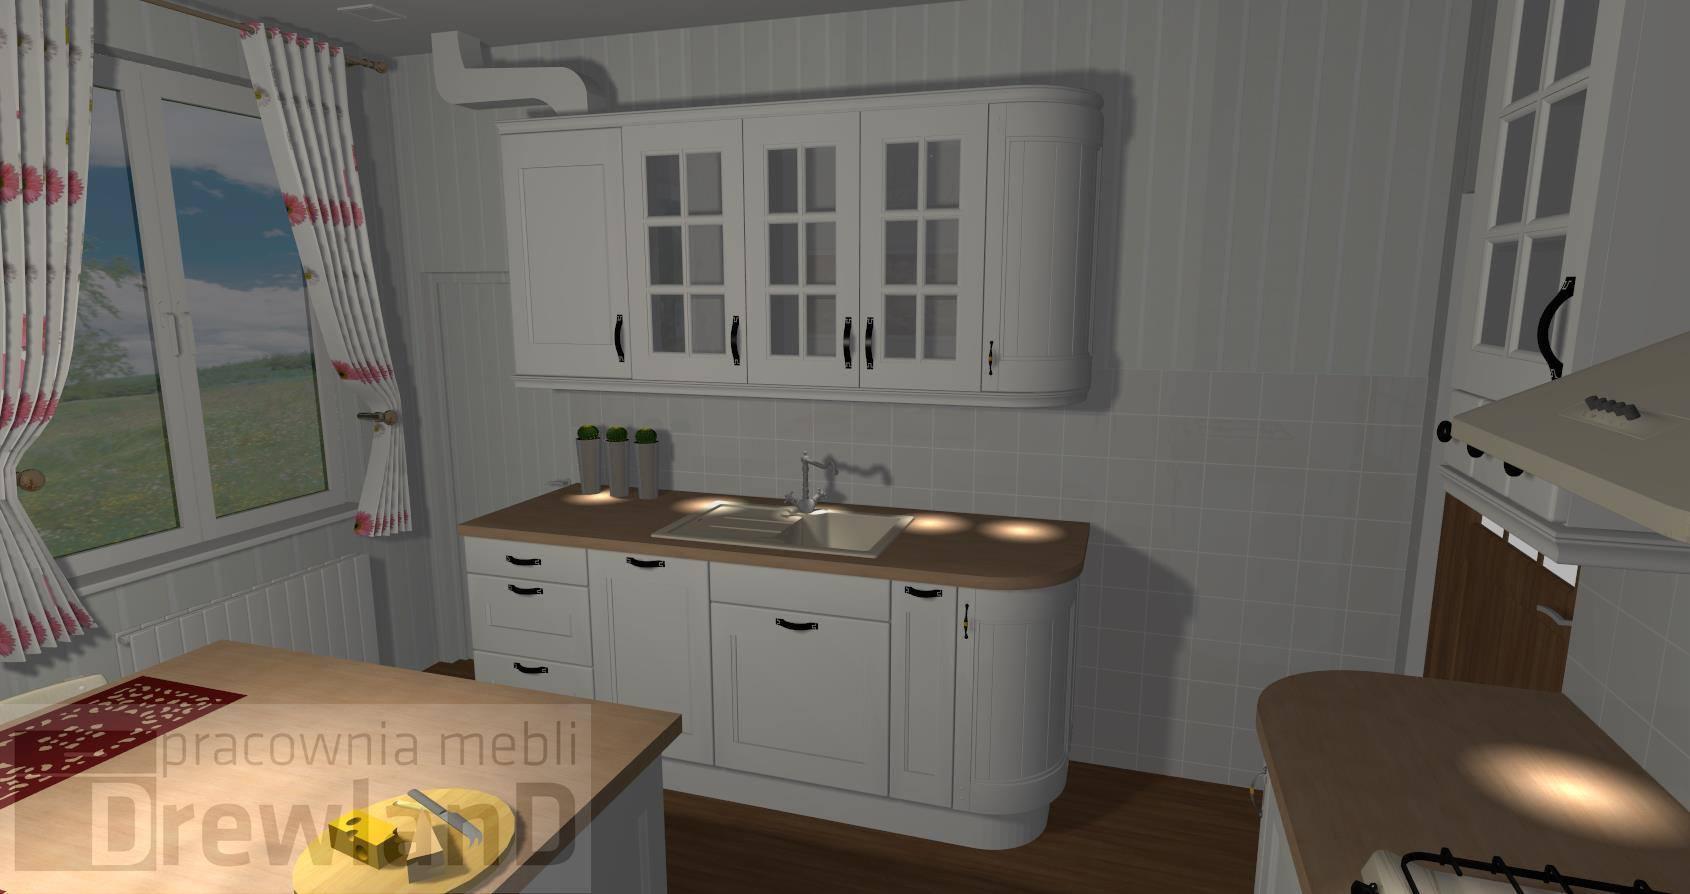 Kuchnia w stylu skandynawskim  Drewland pl